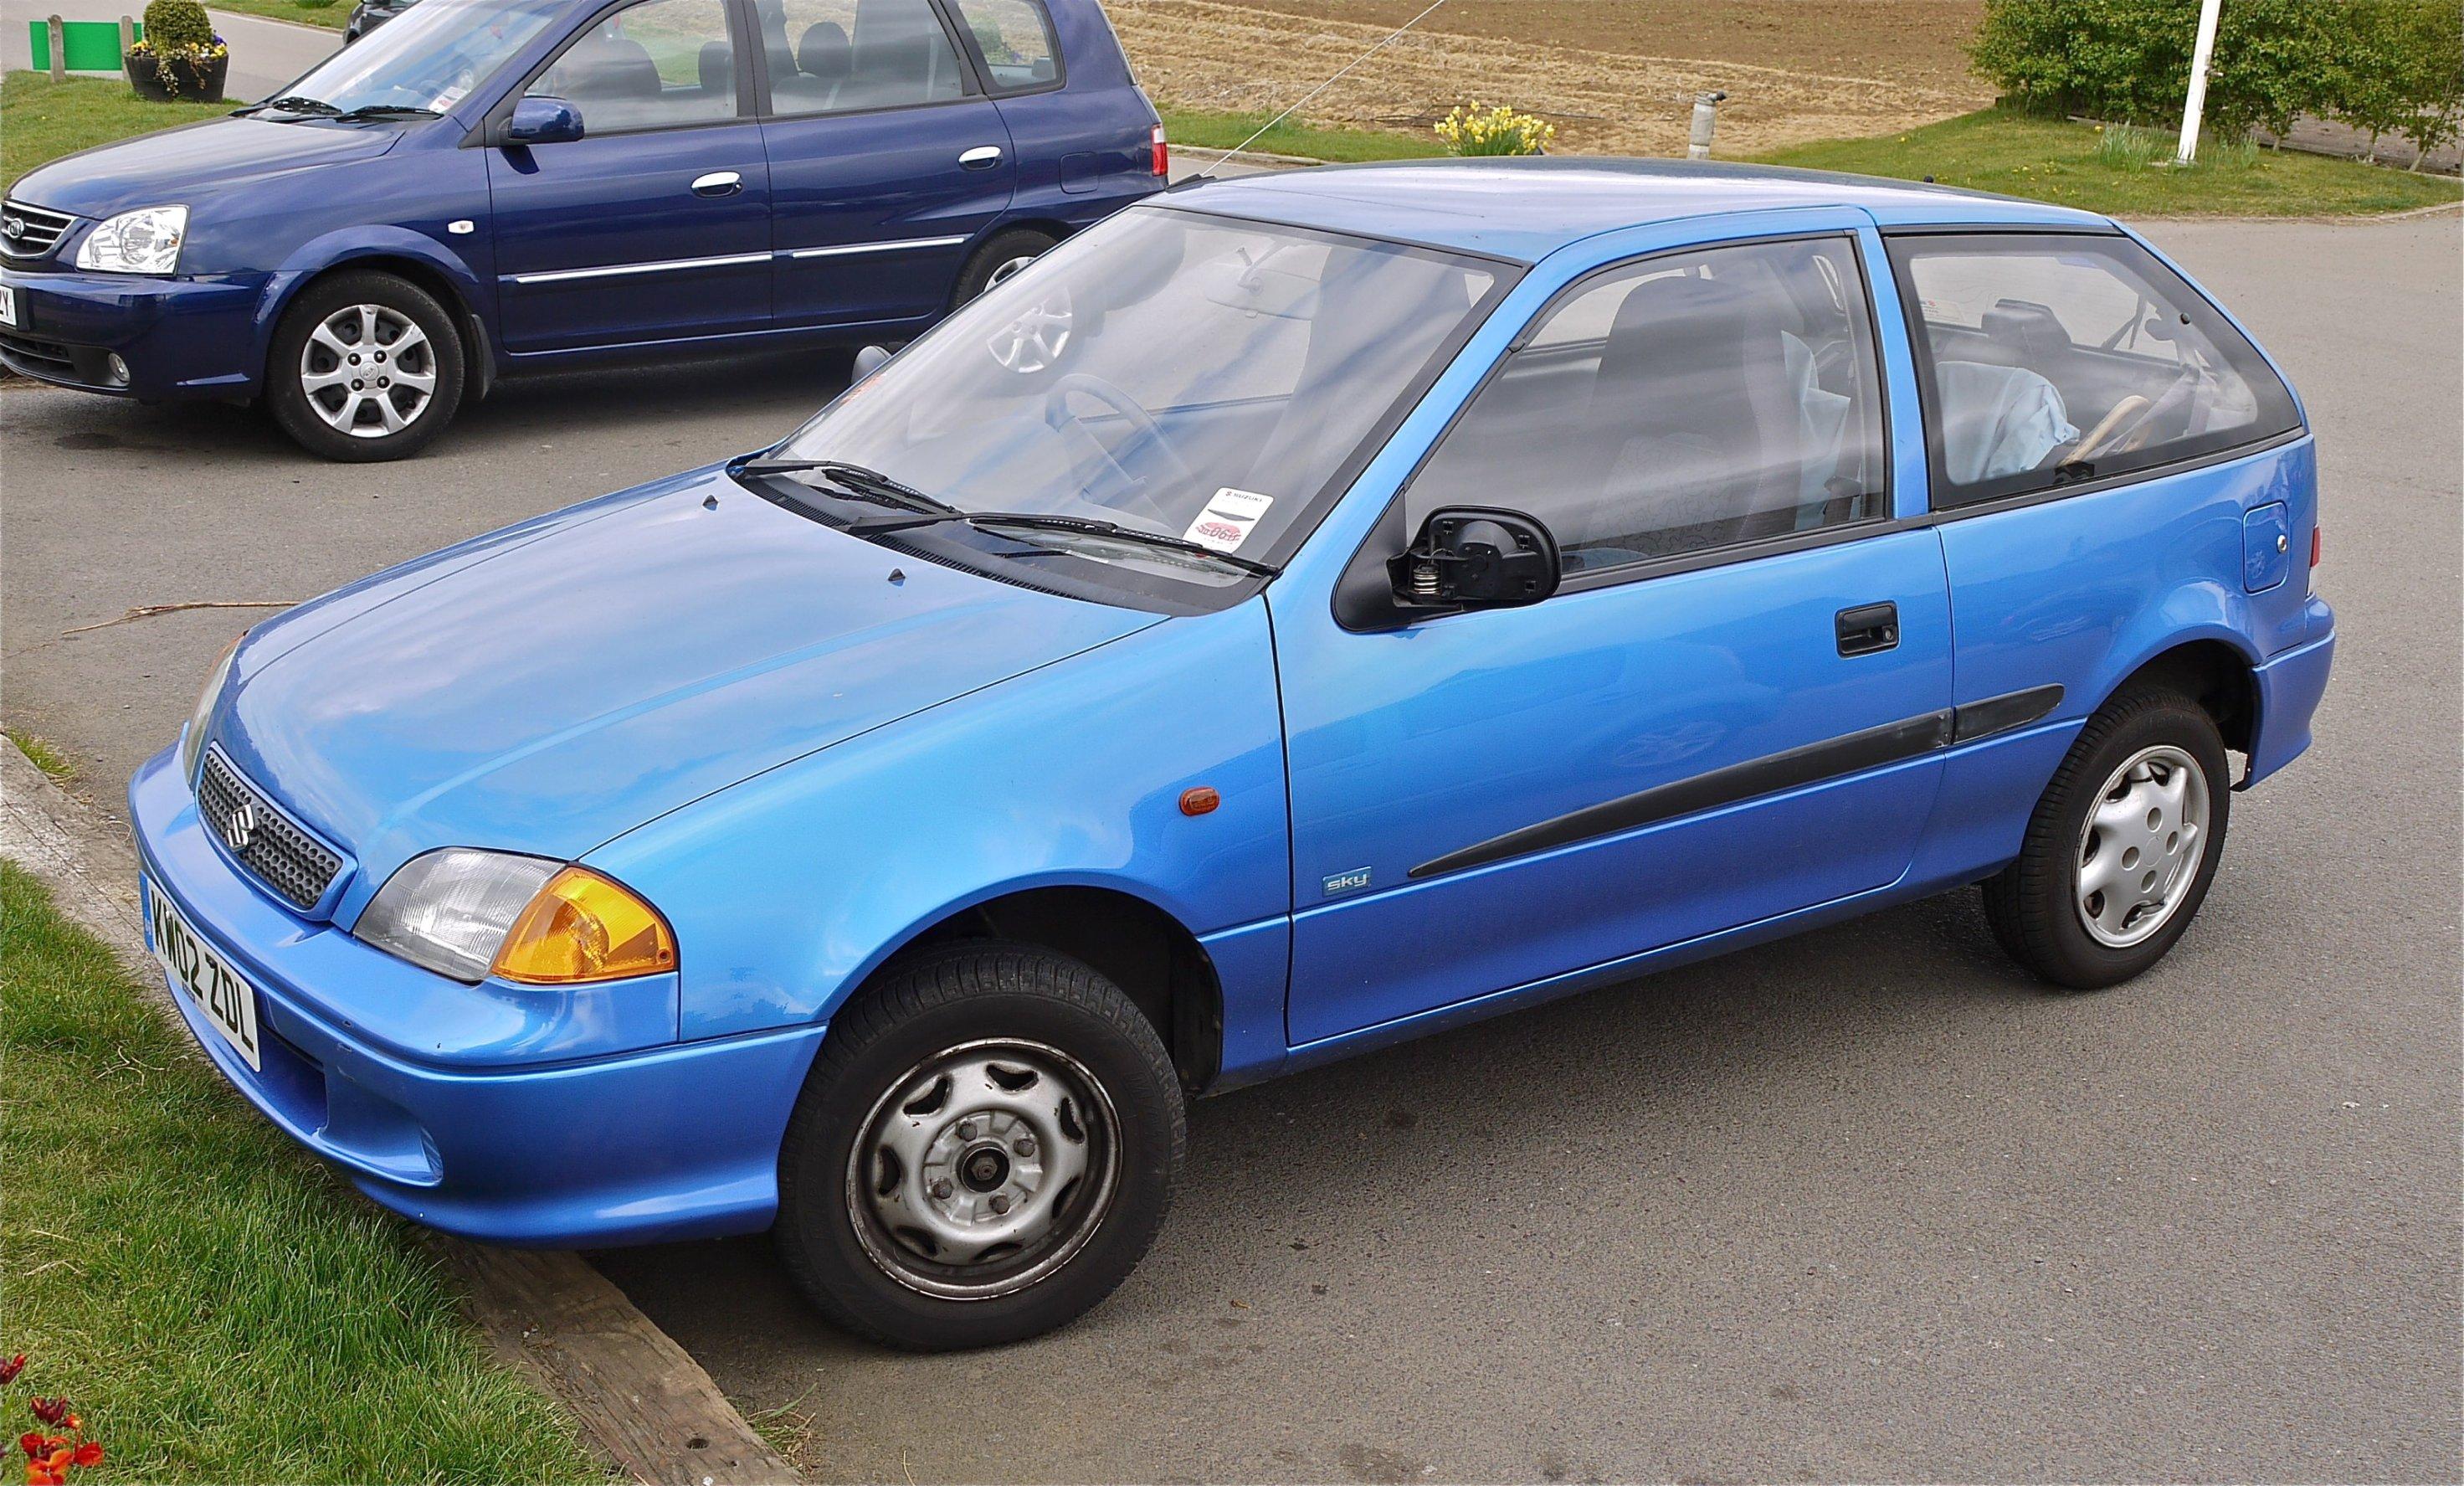 automotiq suzuki splash gls 08 sonic blaue fu matten mit blauem rand. Black Bedroom Furniture Sets. Home Design Ideas